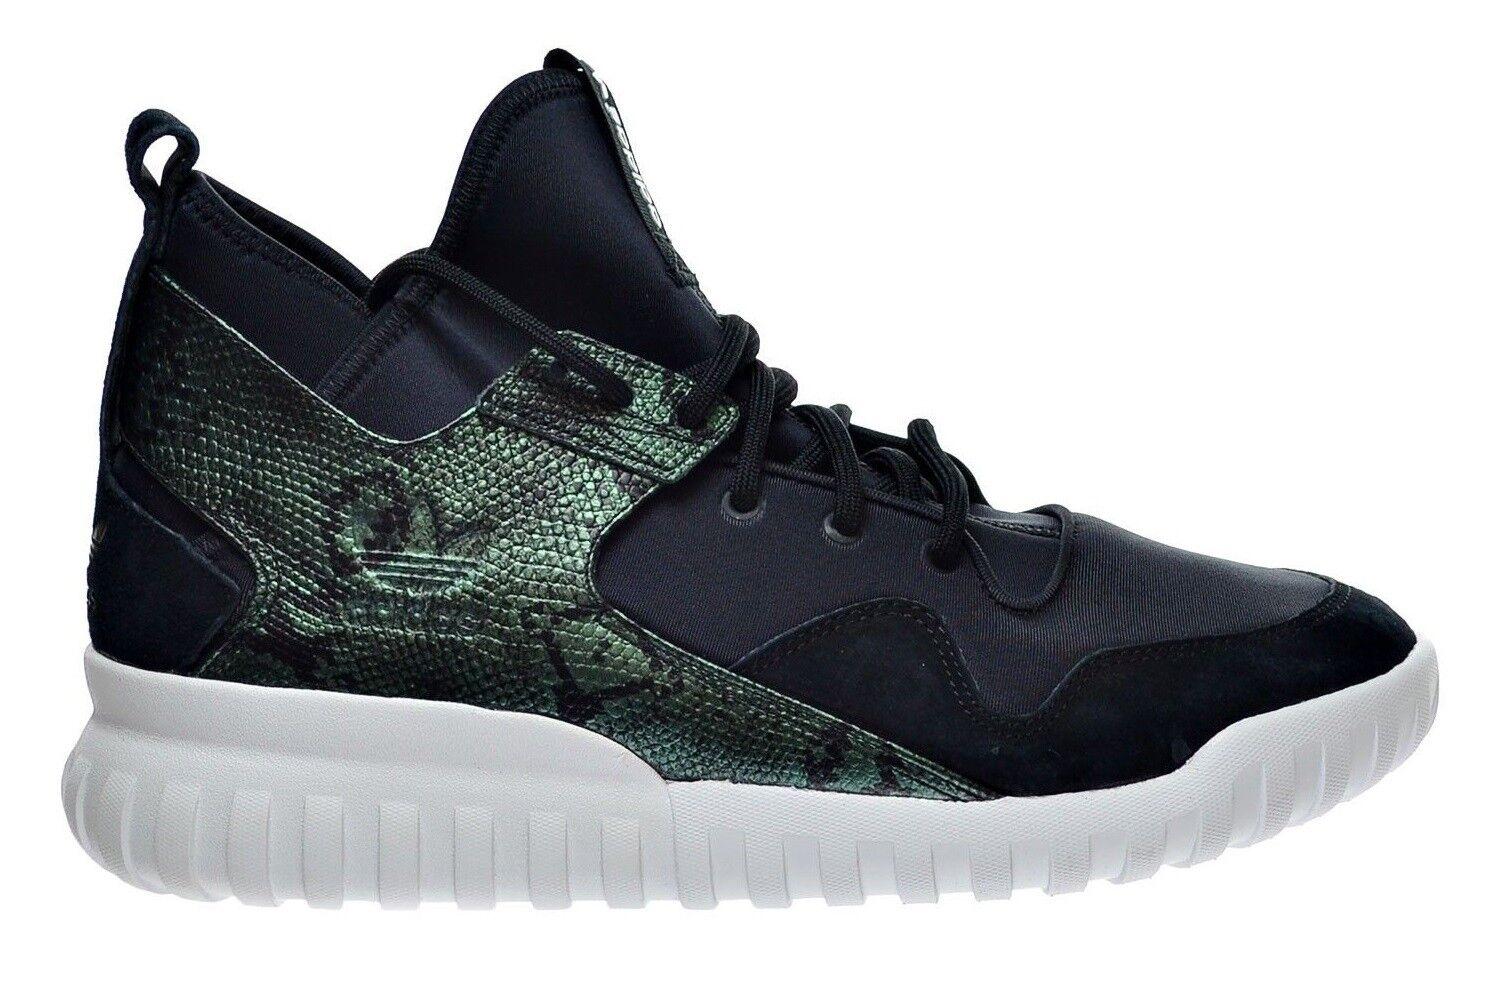 Adidas originali tubulare x mens mens mens scarpe s31988 nero - verde in pelle di serpente | Autentico  c6c0c5